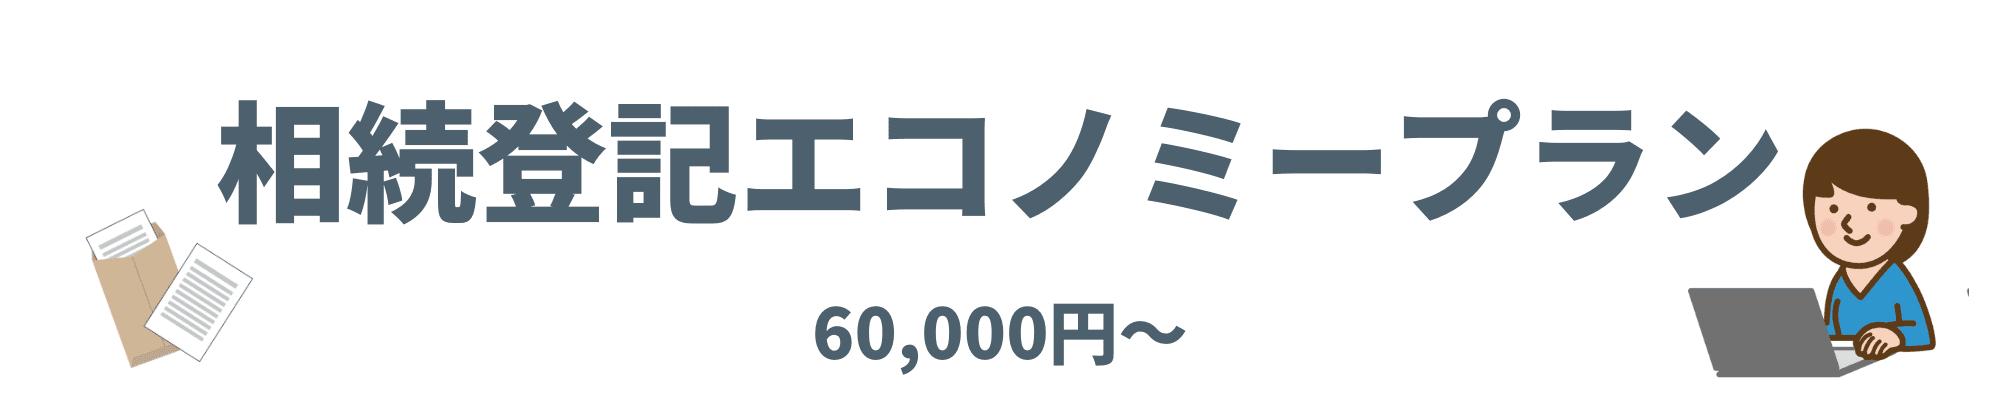 相続登記エコノミープラン60,000円~